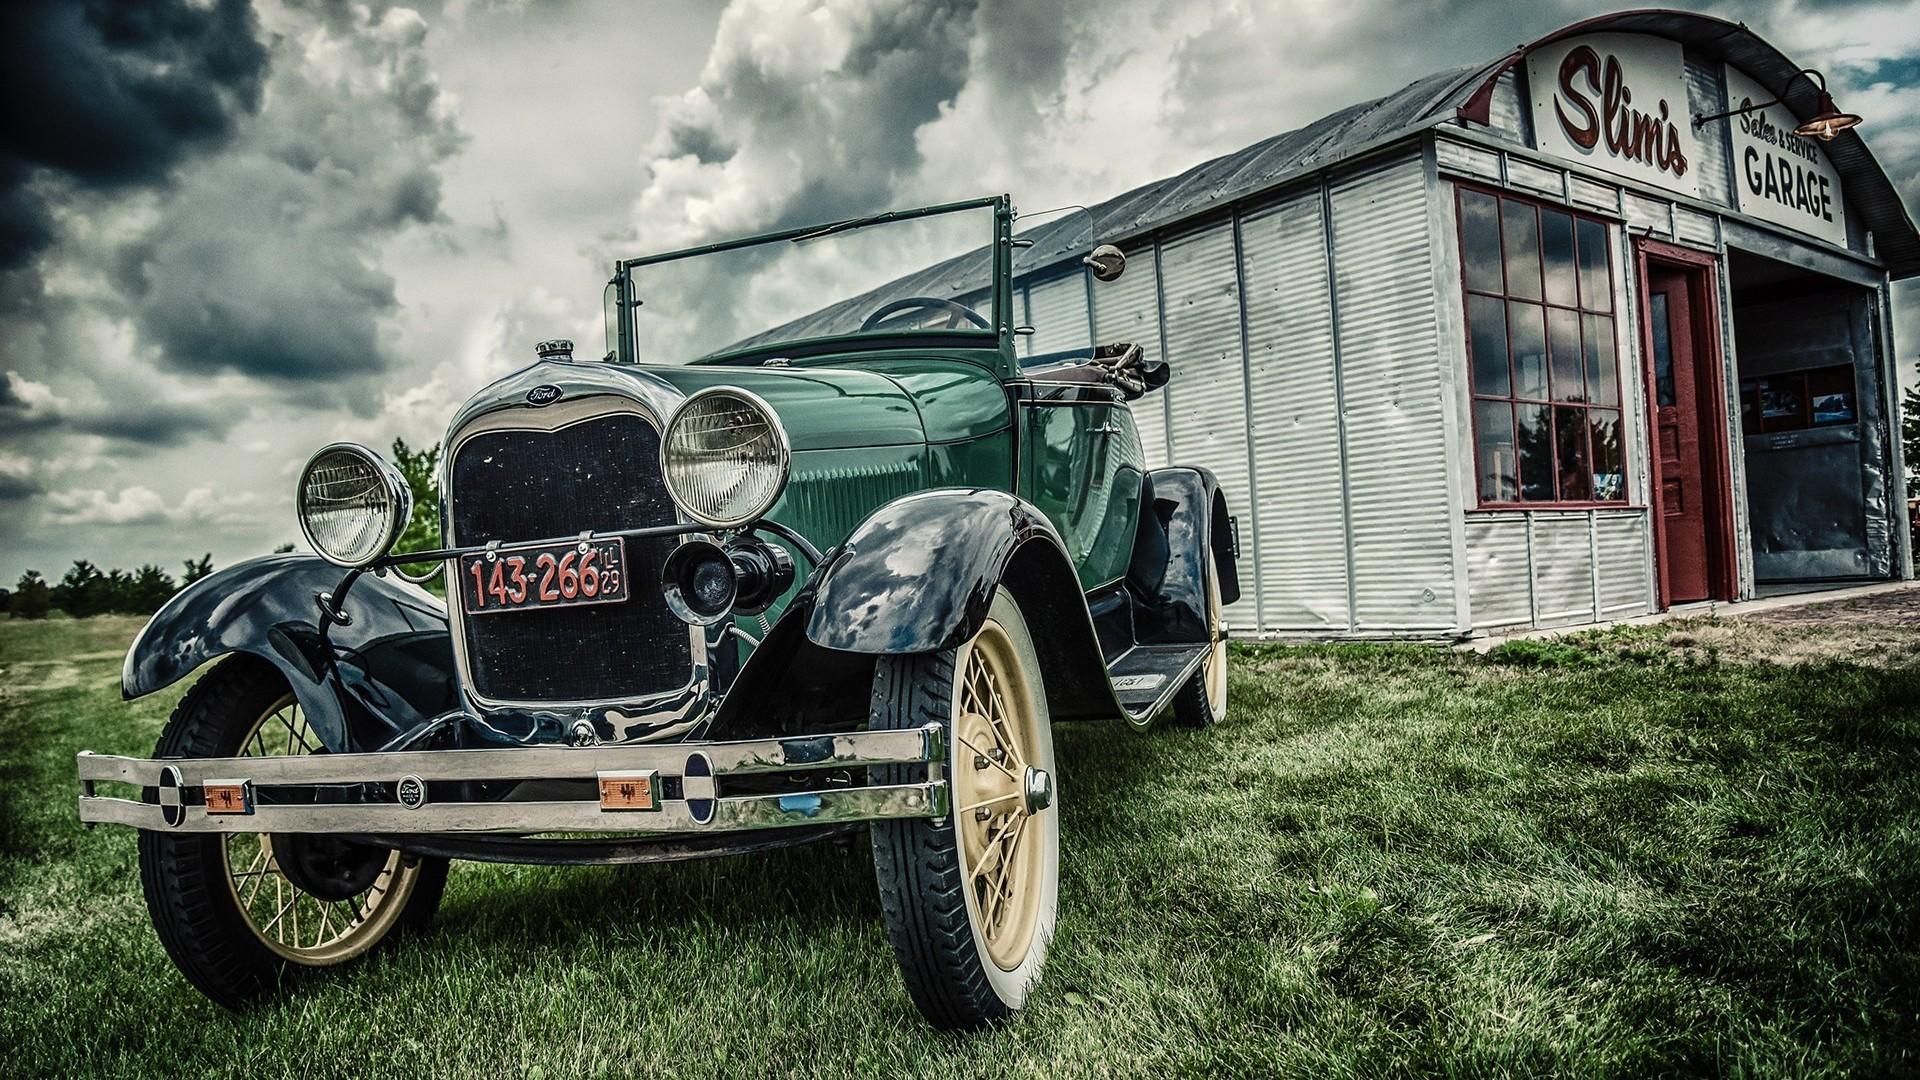 Res: 1920x1080, Vintage Cars Desktop Background